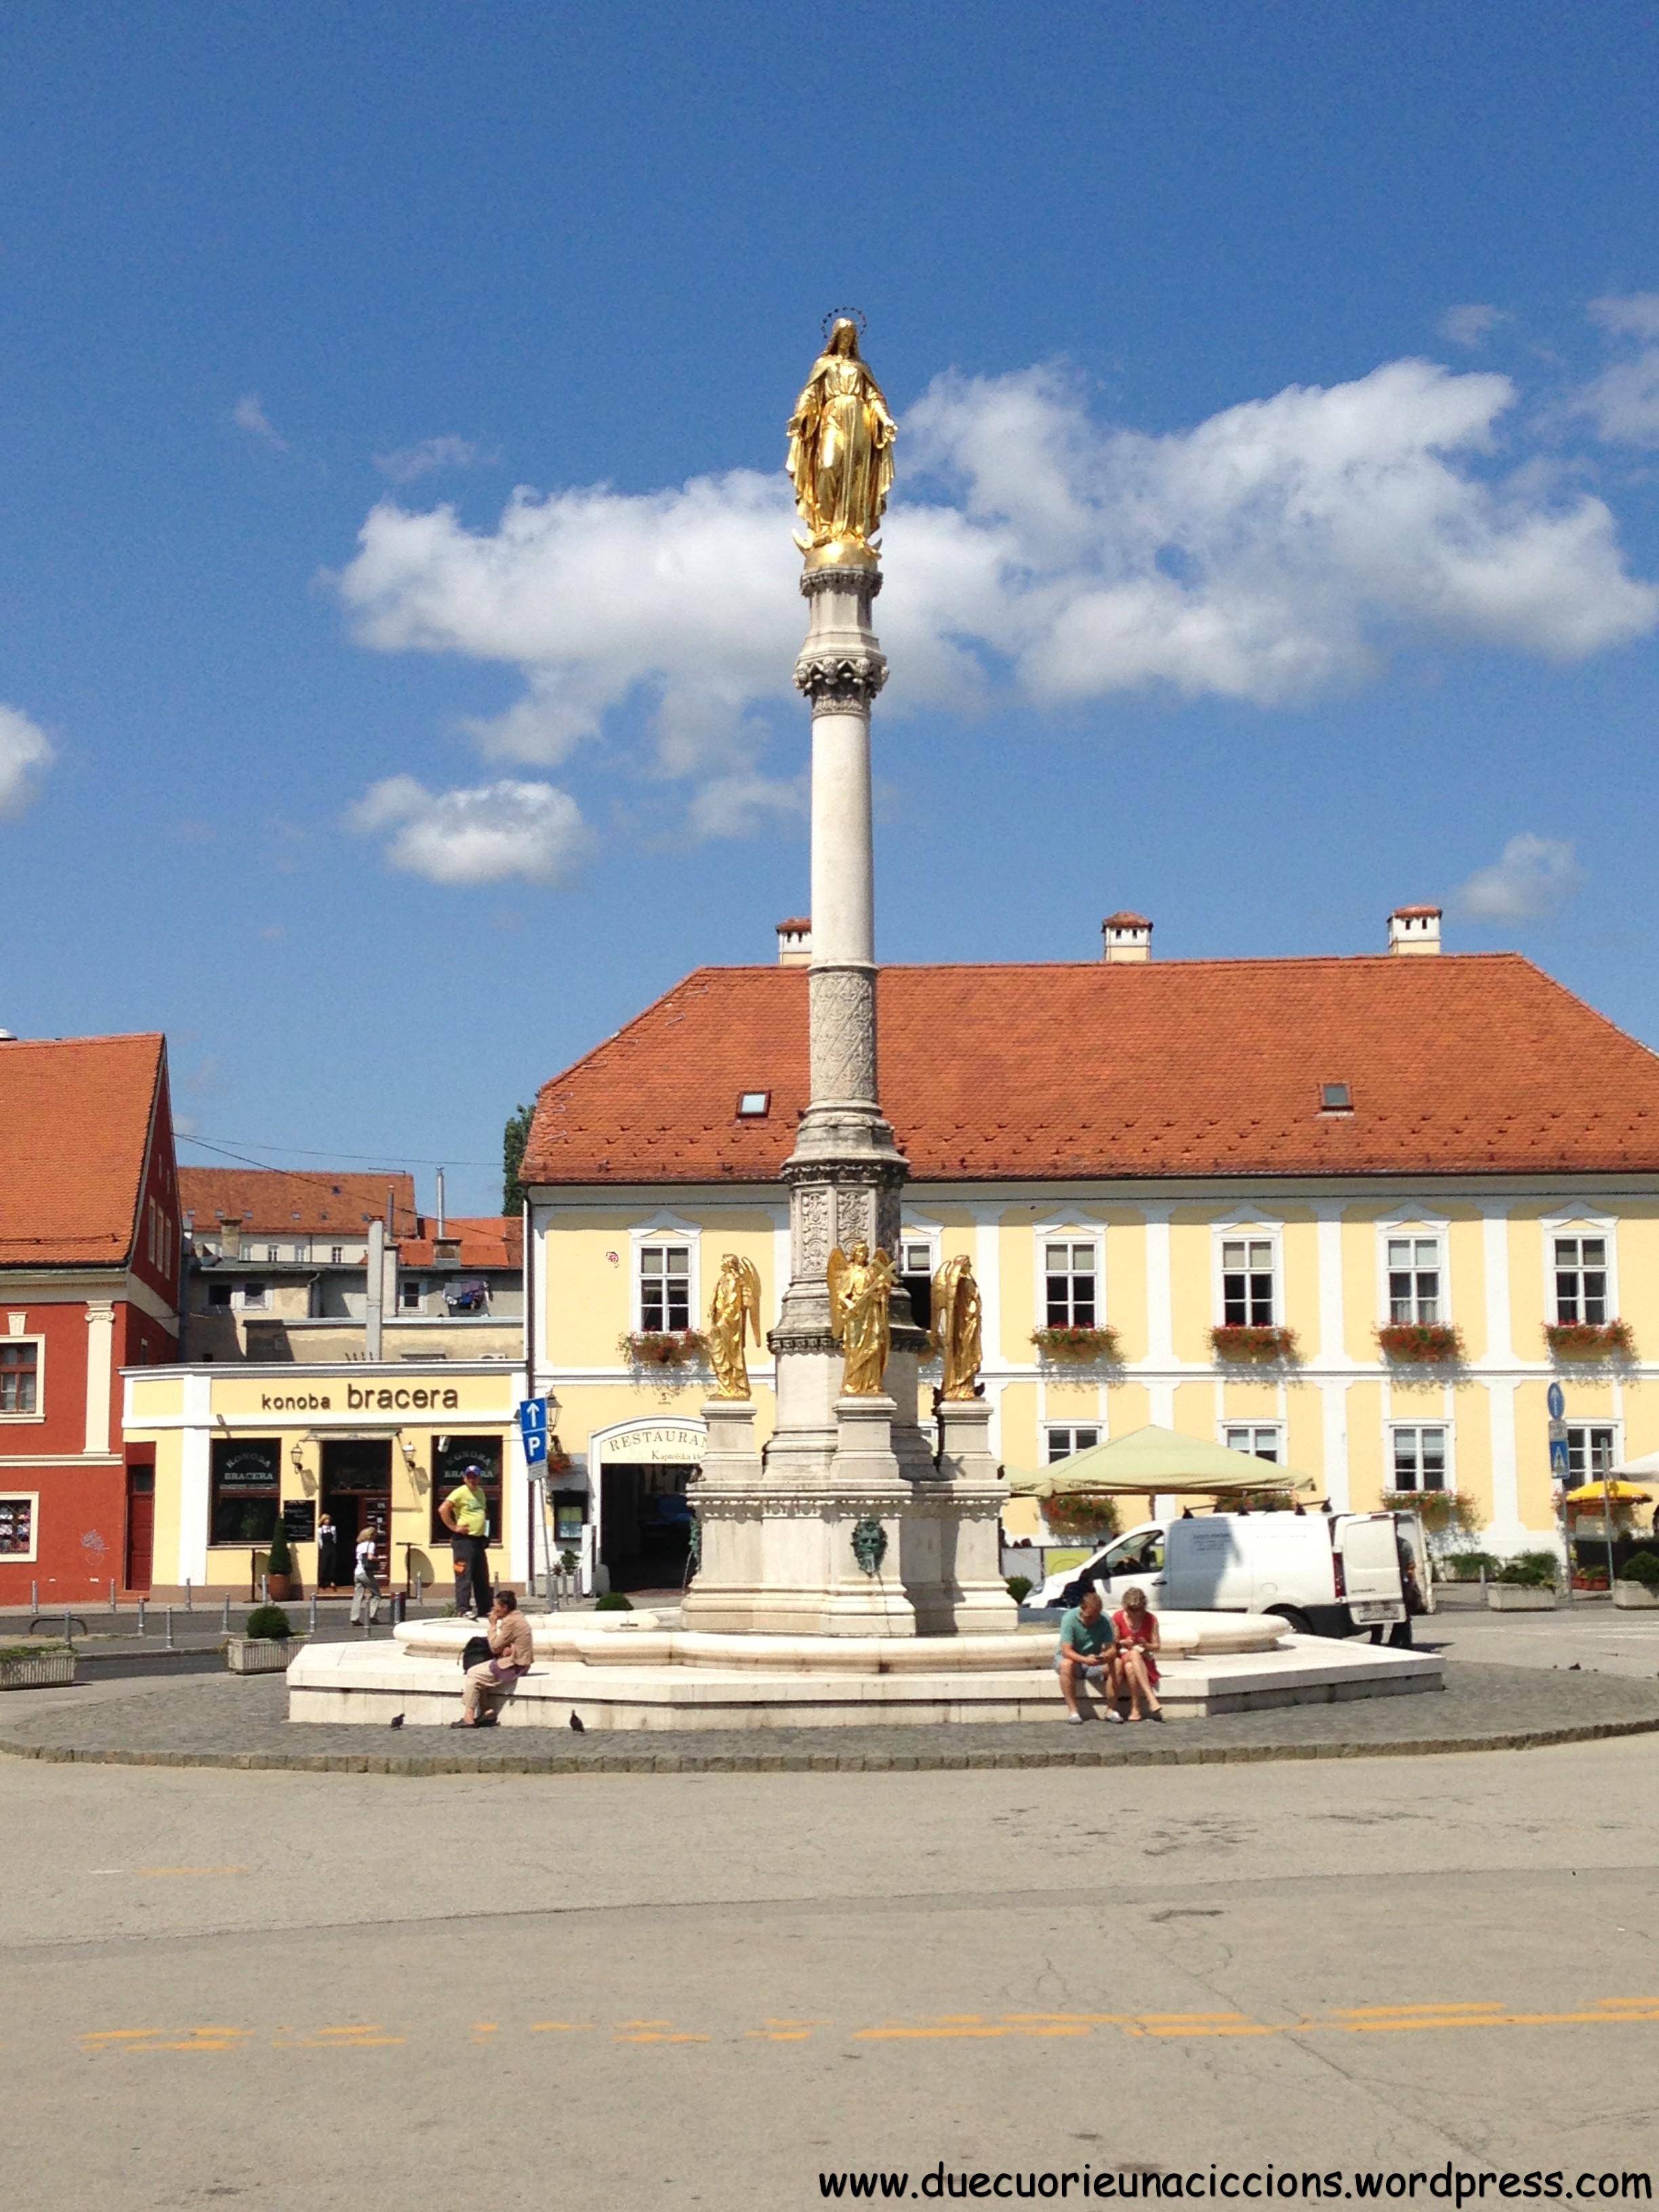 zagabria square